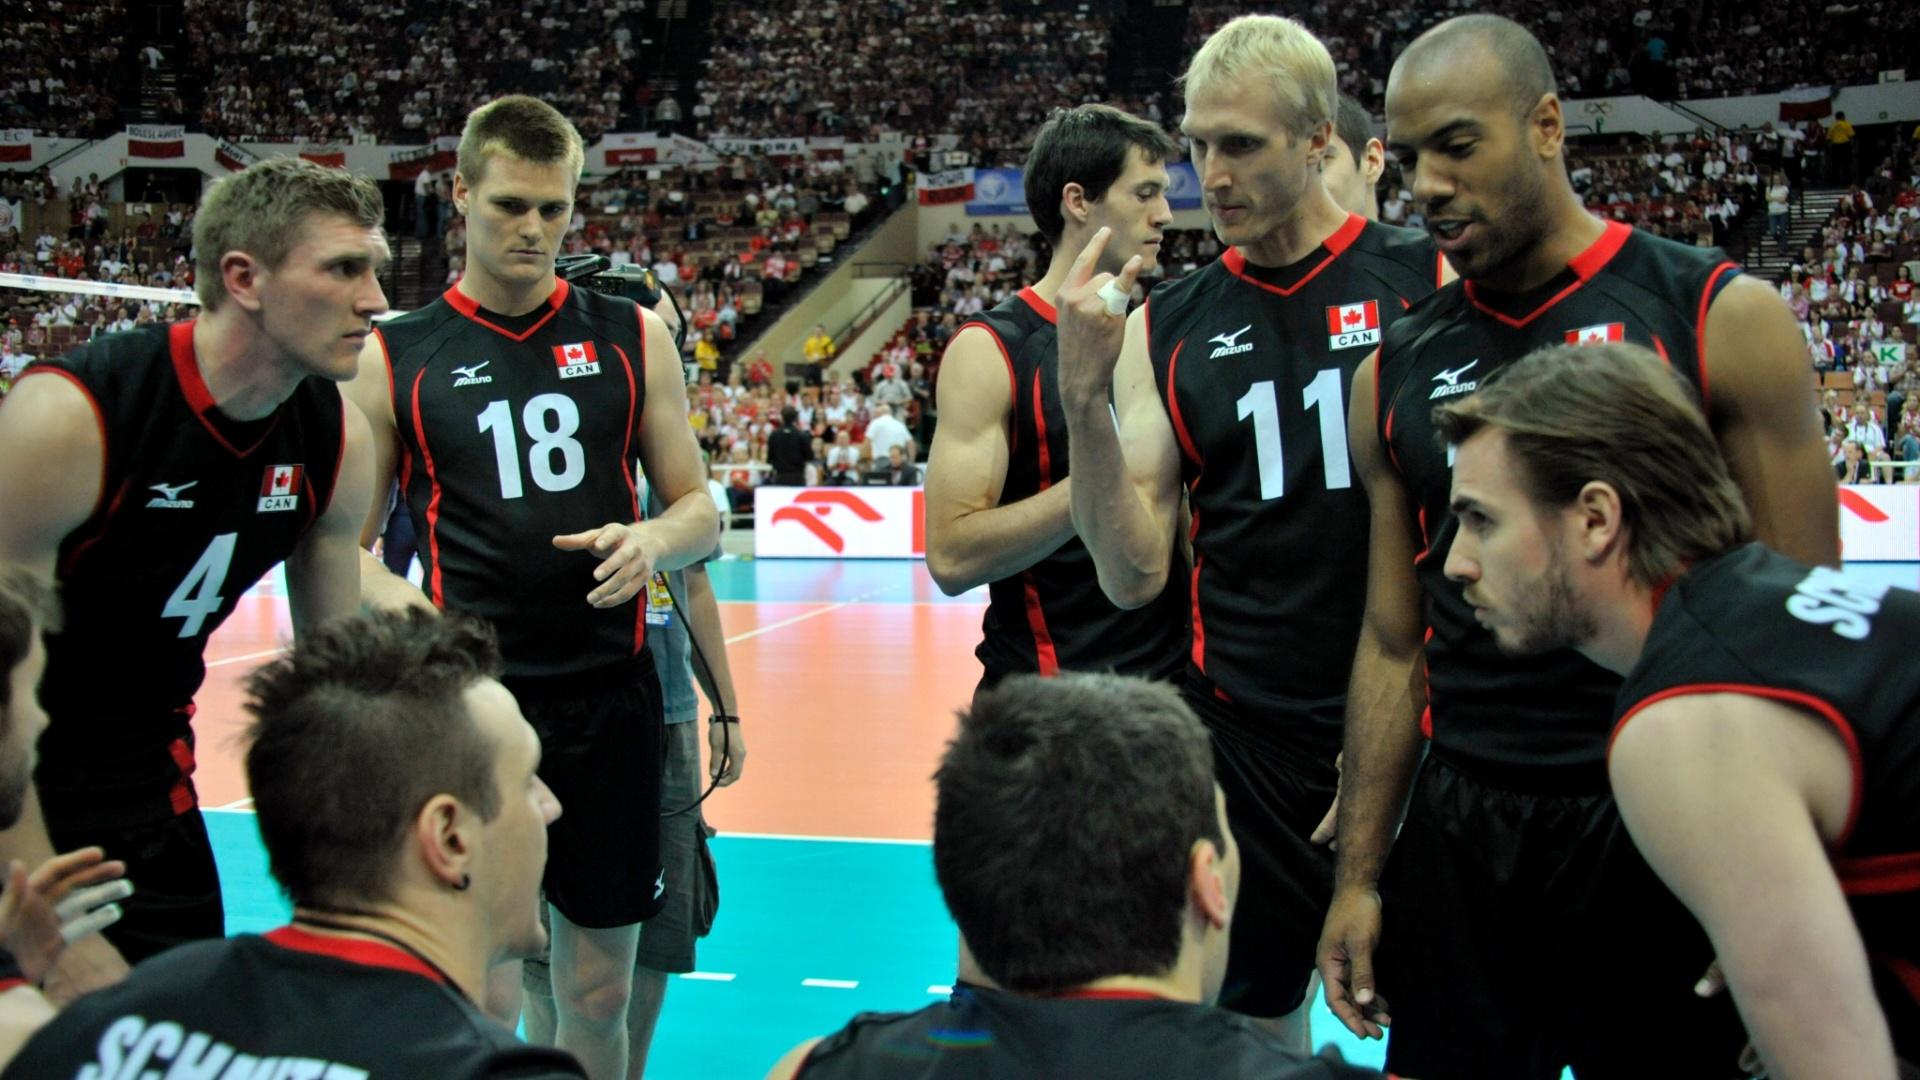 Jogadores do Canadá conversam no banco antes do início da partida